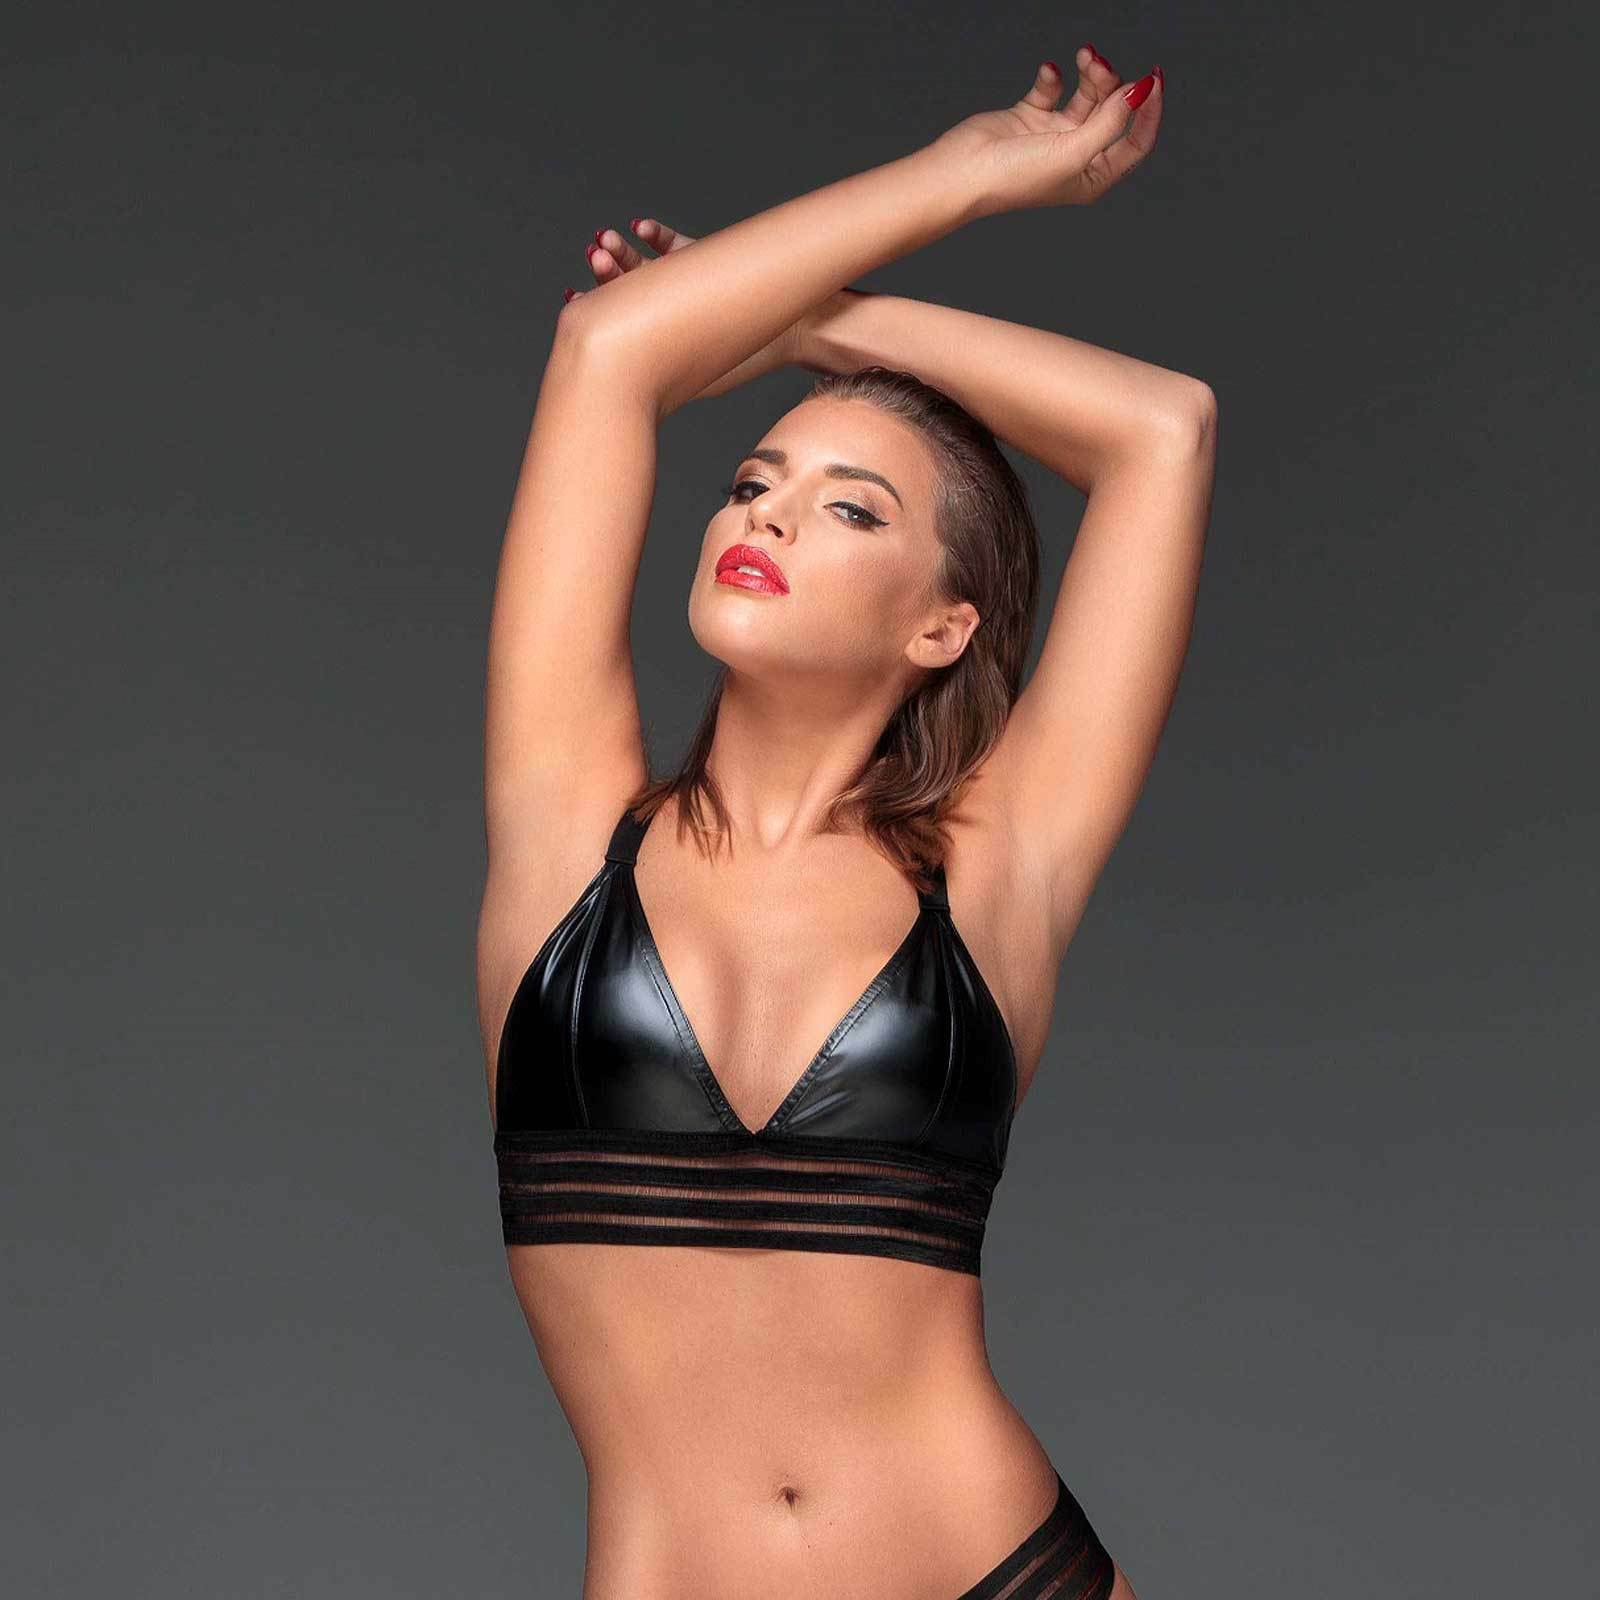 black HANDMADE Powerstripe Bralette Wetlook Bustier BH Streifendesign Bra